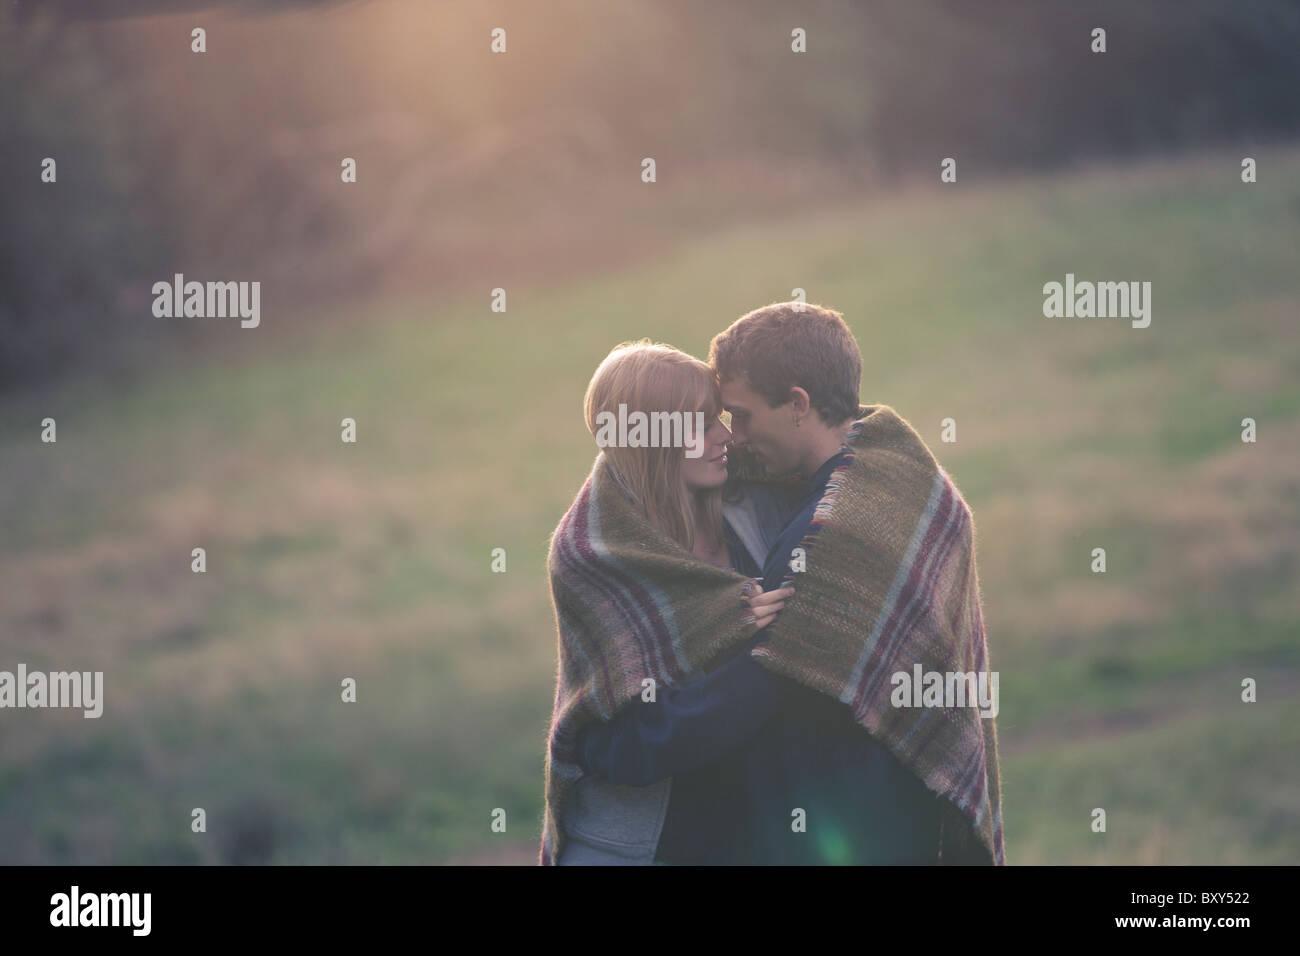 Un jeune couple embracing outdoors, enveloppé dans une couverture Photo Stock